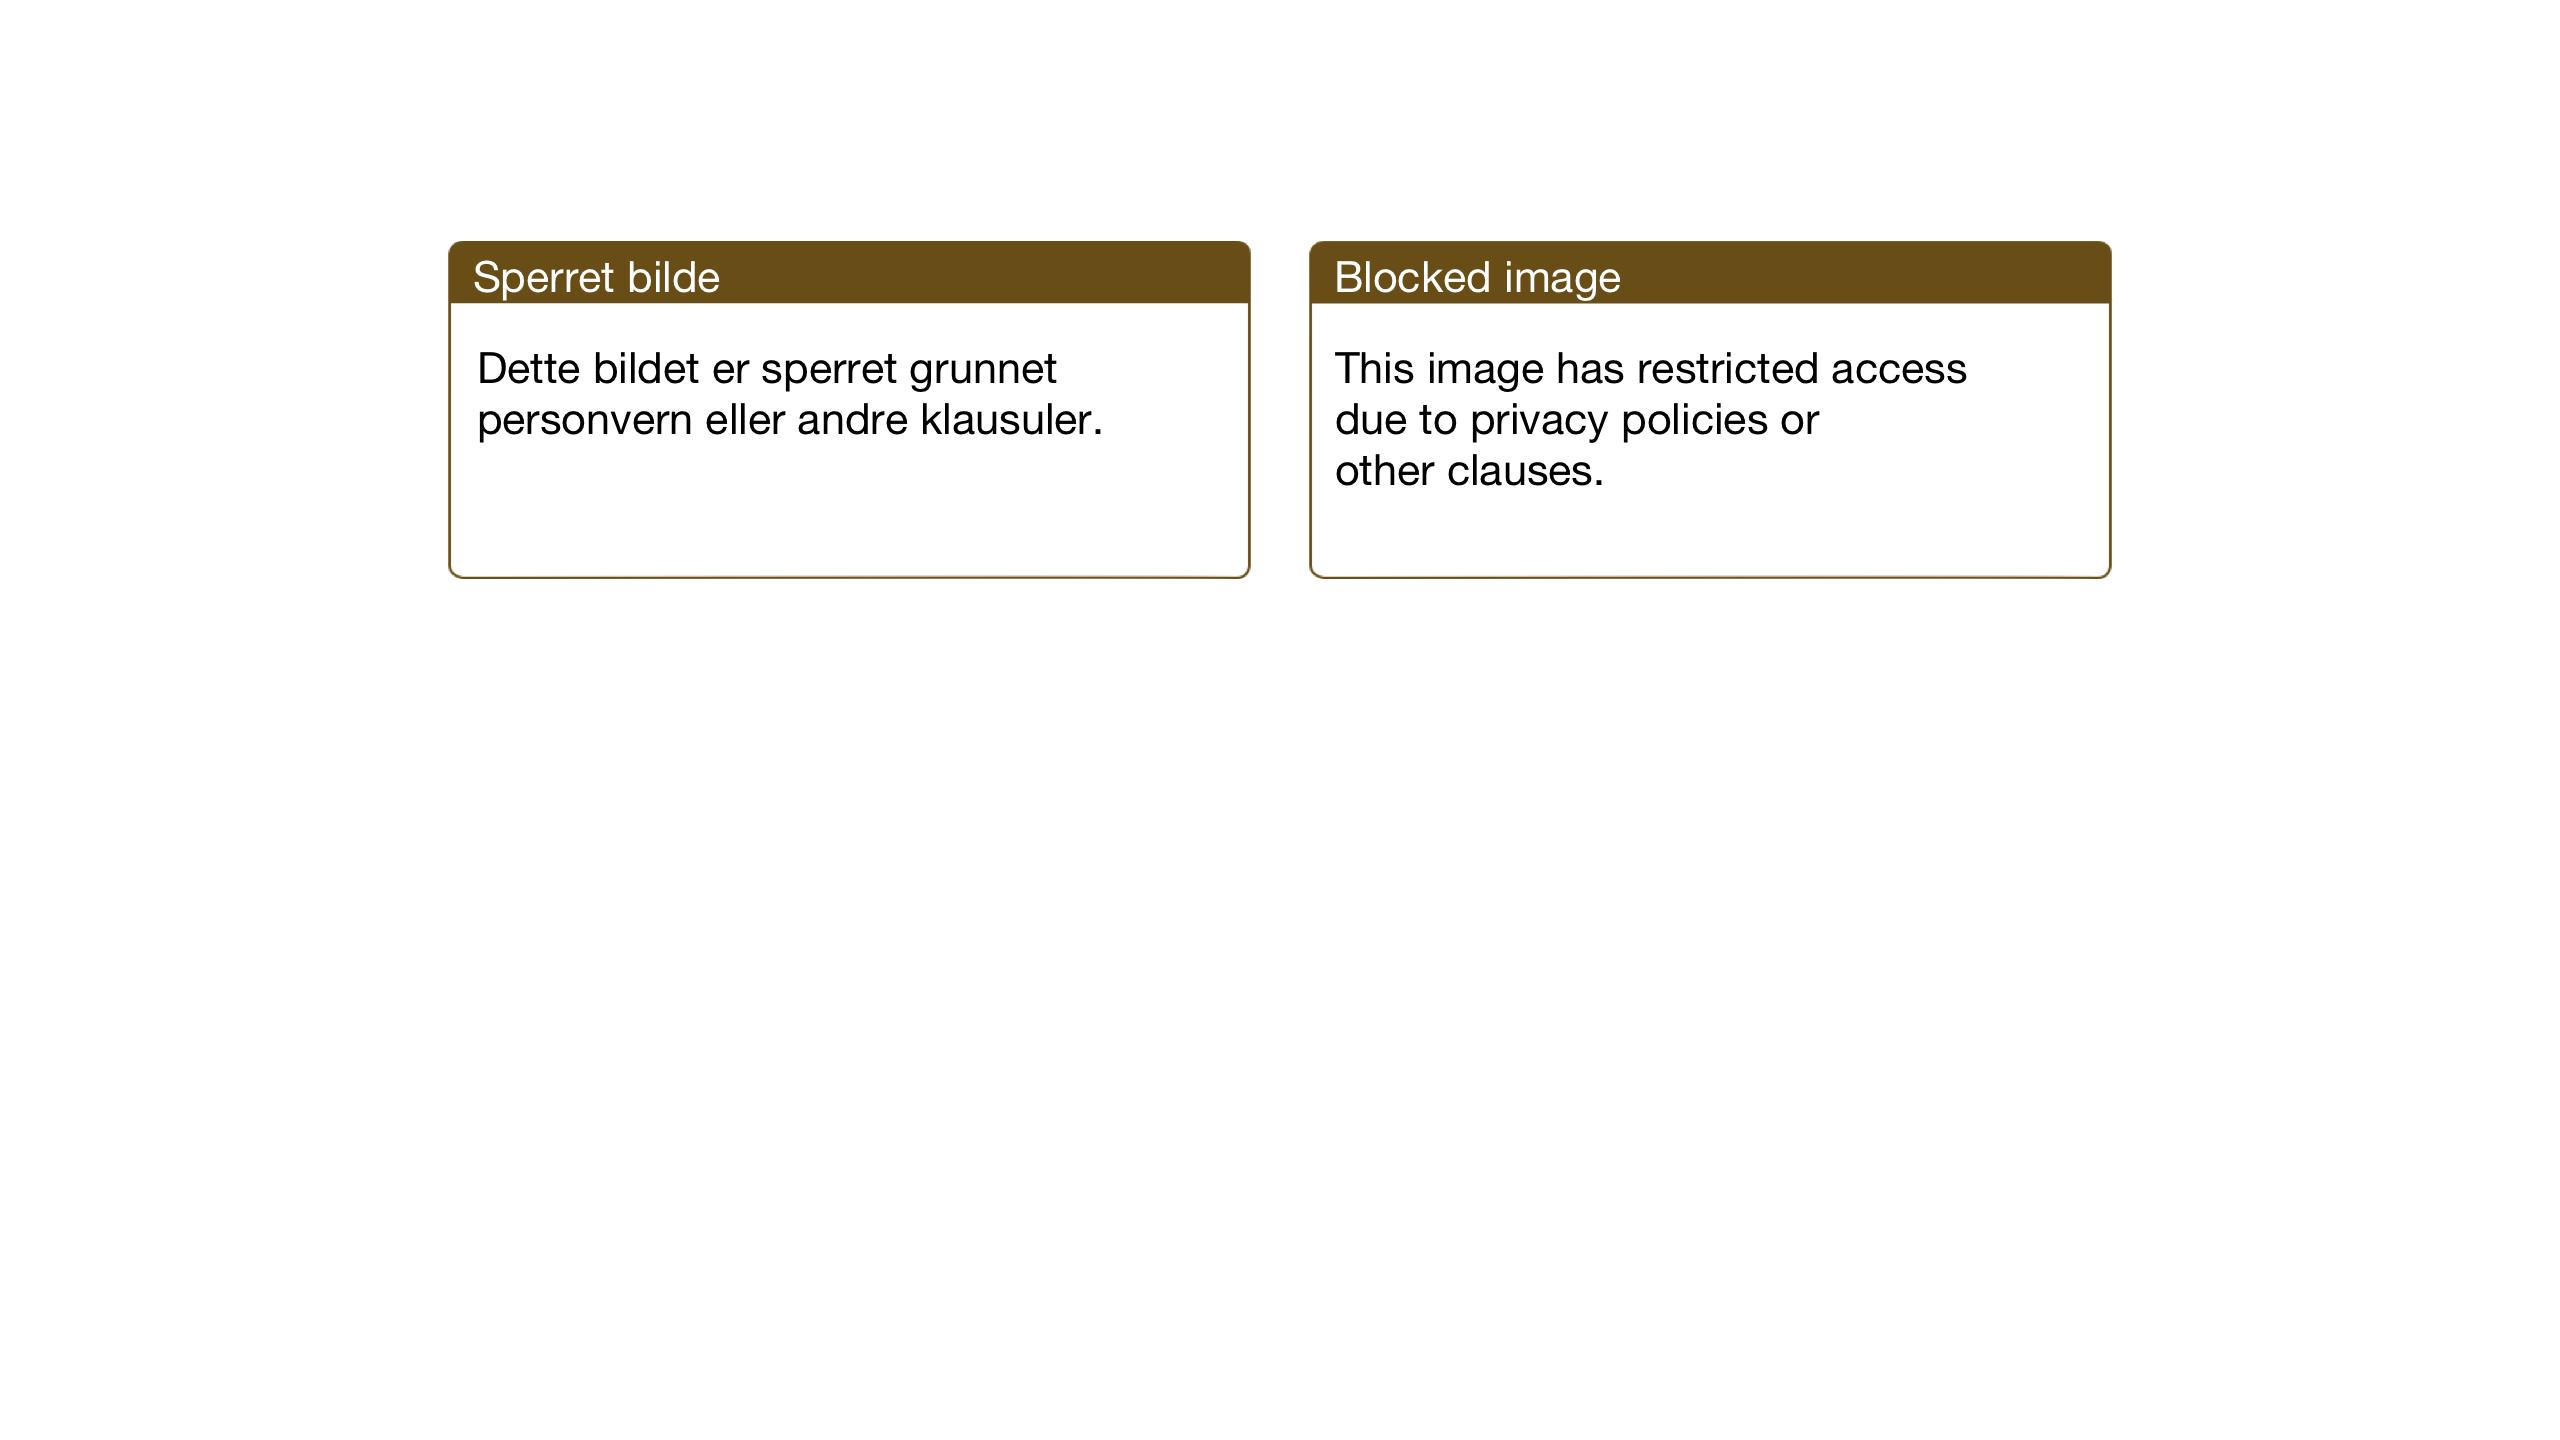 SAT, Ministerialprotokoller, klokkerbøker og fødselsregistre - Nord-Trøndelag, 784/L0678: Ministerialbok nr. 784A13, 1921-1938, s. 54